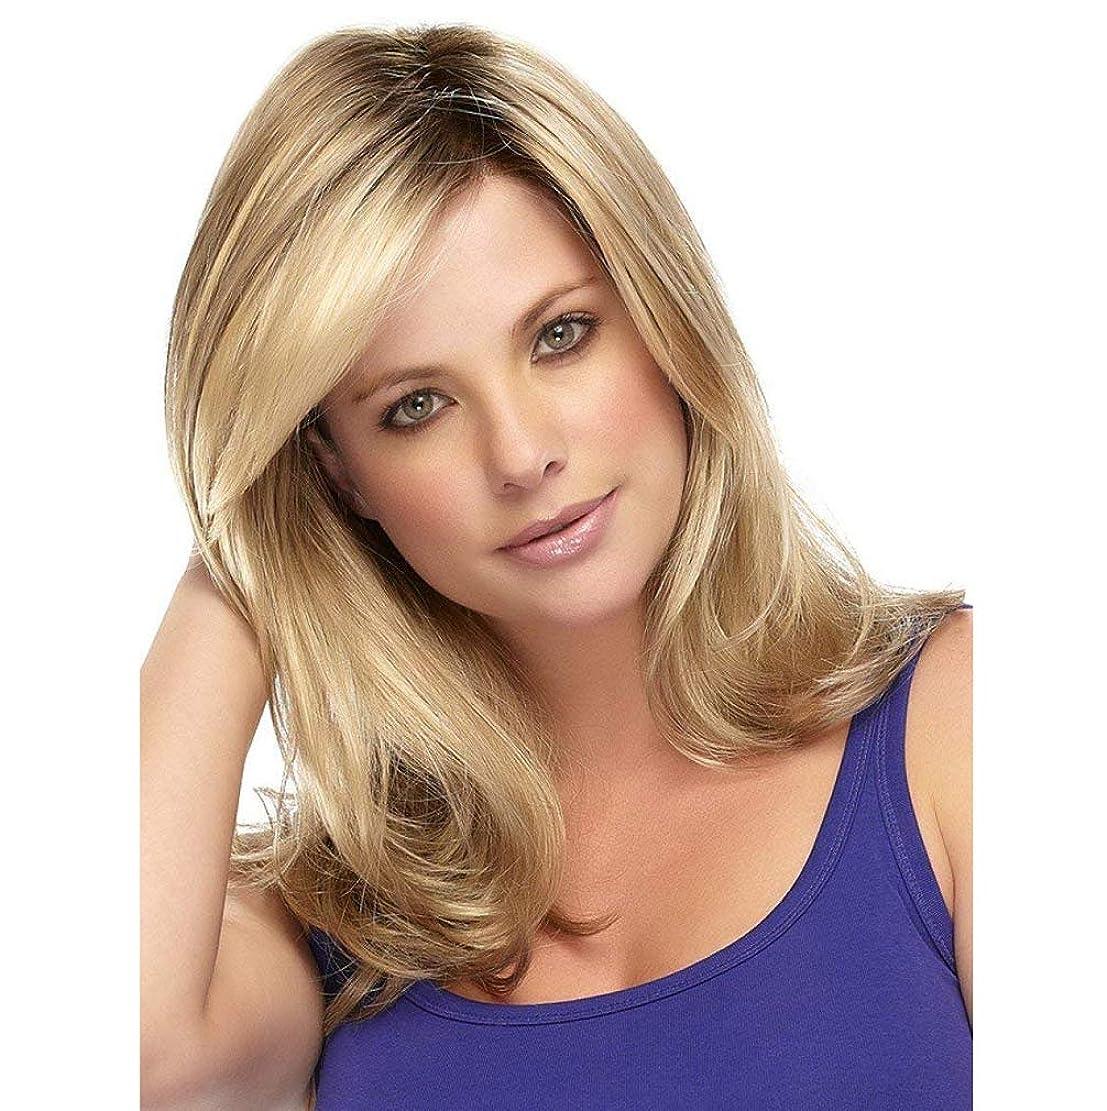 ポルノ過度にウイルスかつら女性の長い巻き毛の波状の金色の金髪ヘアピースとして女性のための本物の髪飾りdaliy